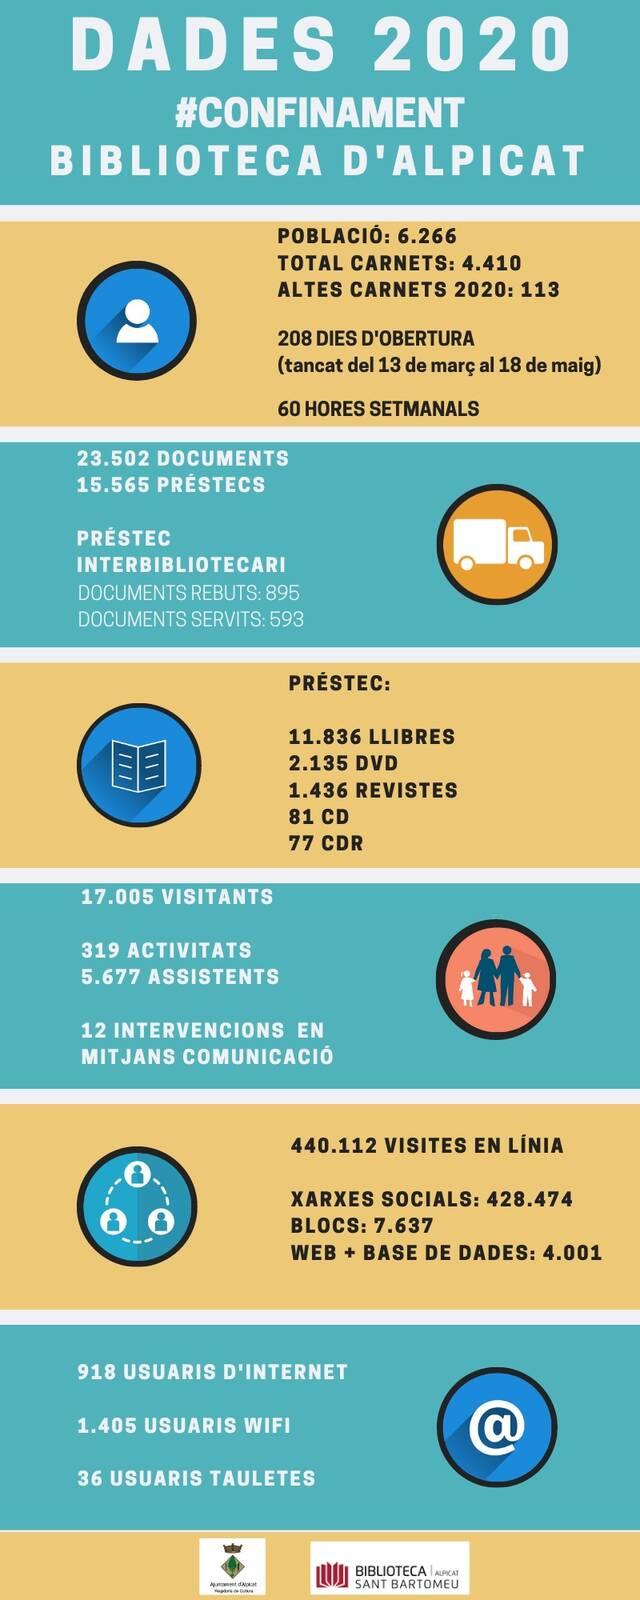 La Biblioteca d'Alpicat supera els 4.400 socis, un 70% de la població, malgrat la pandèmia